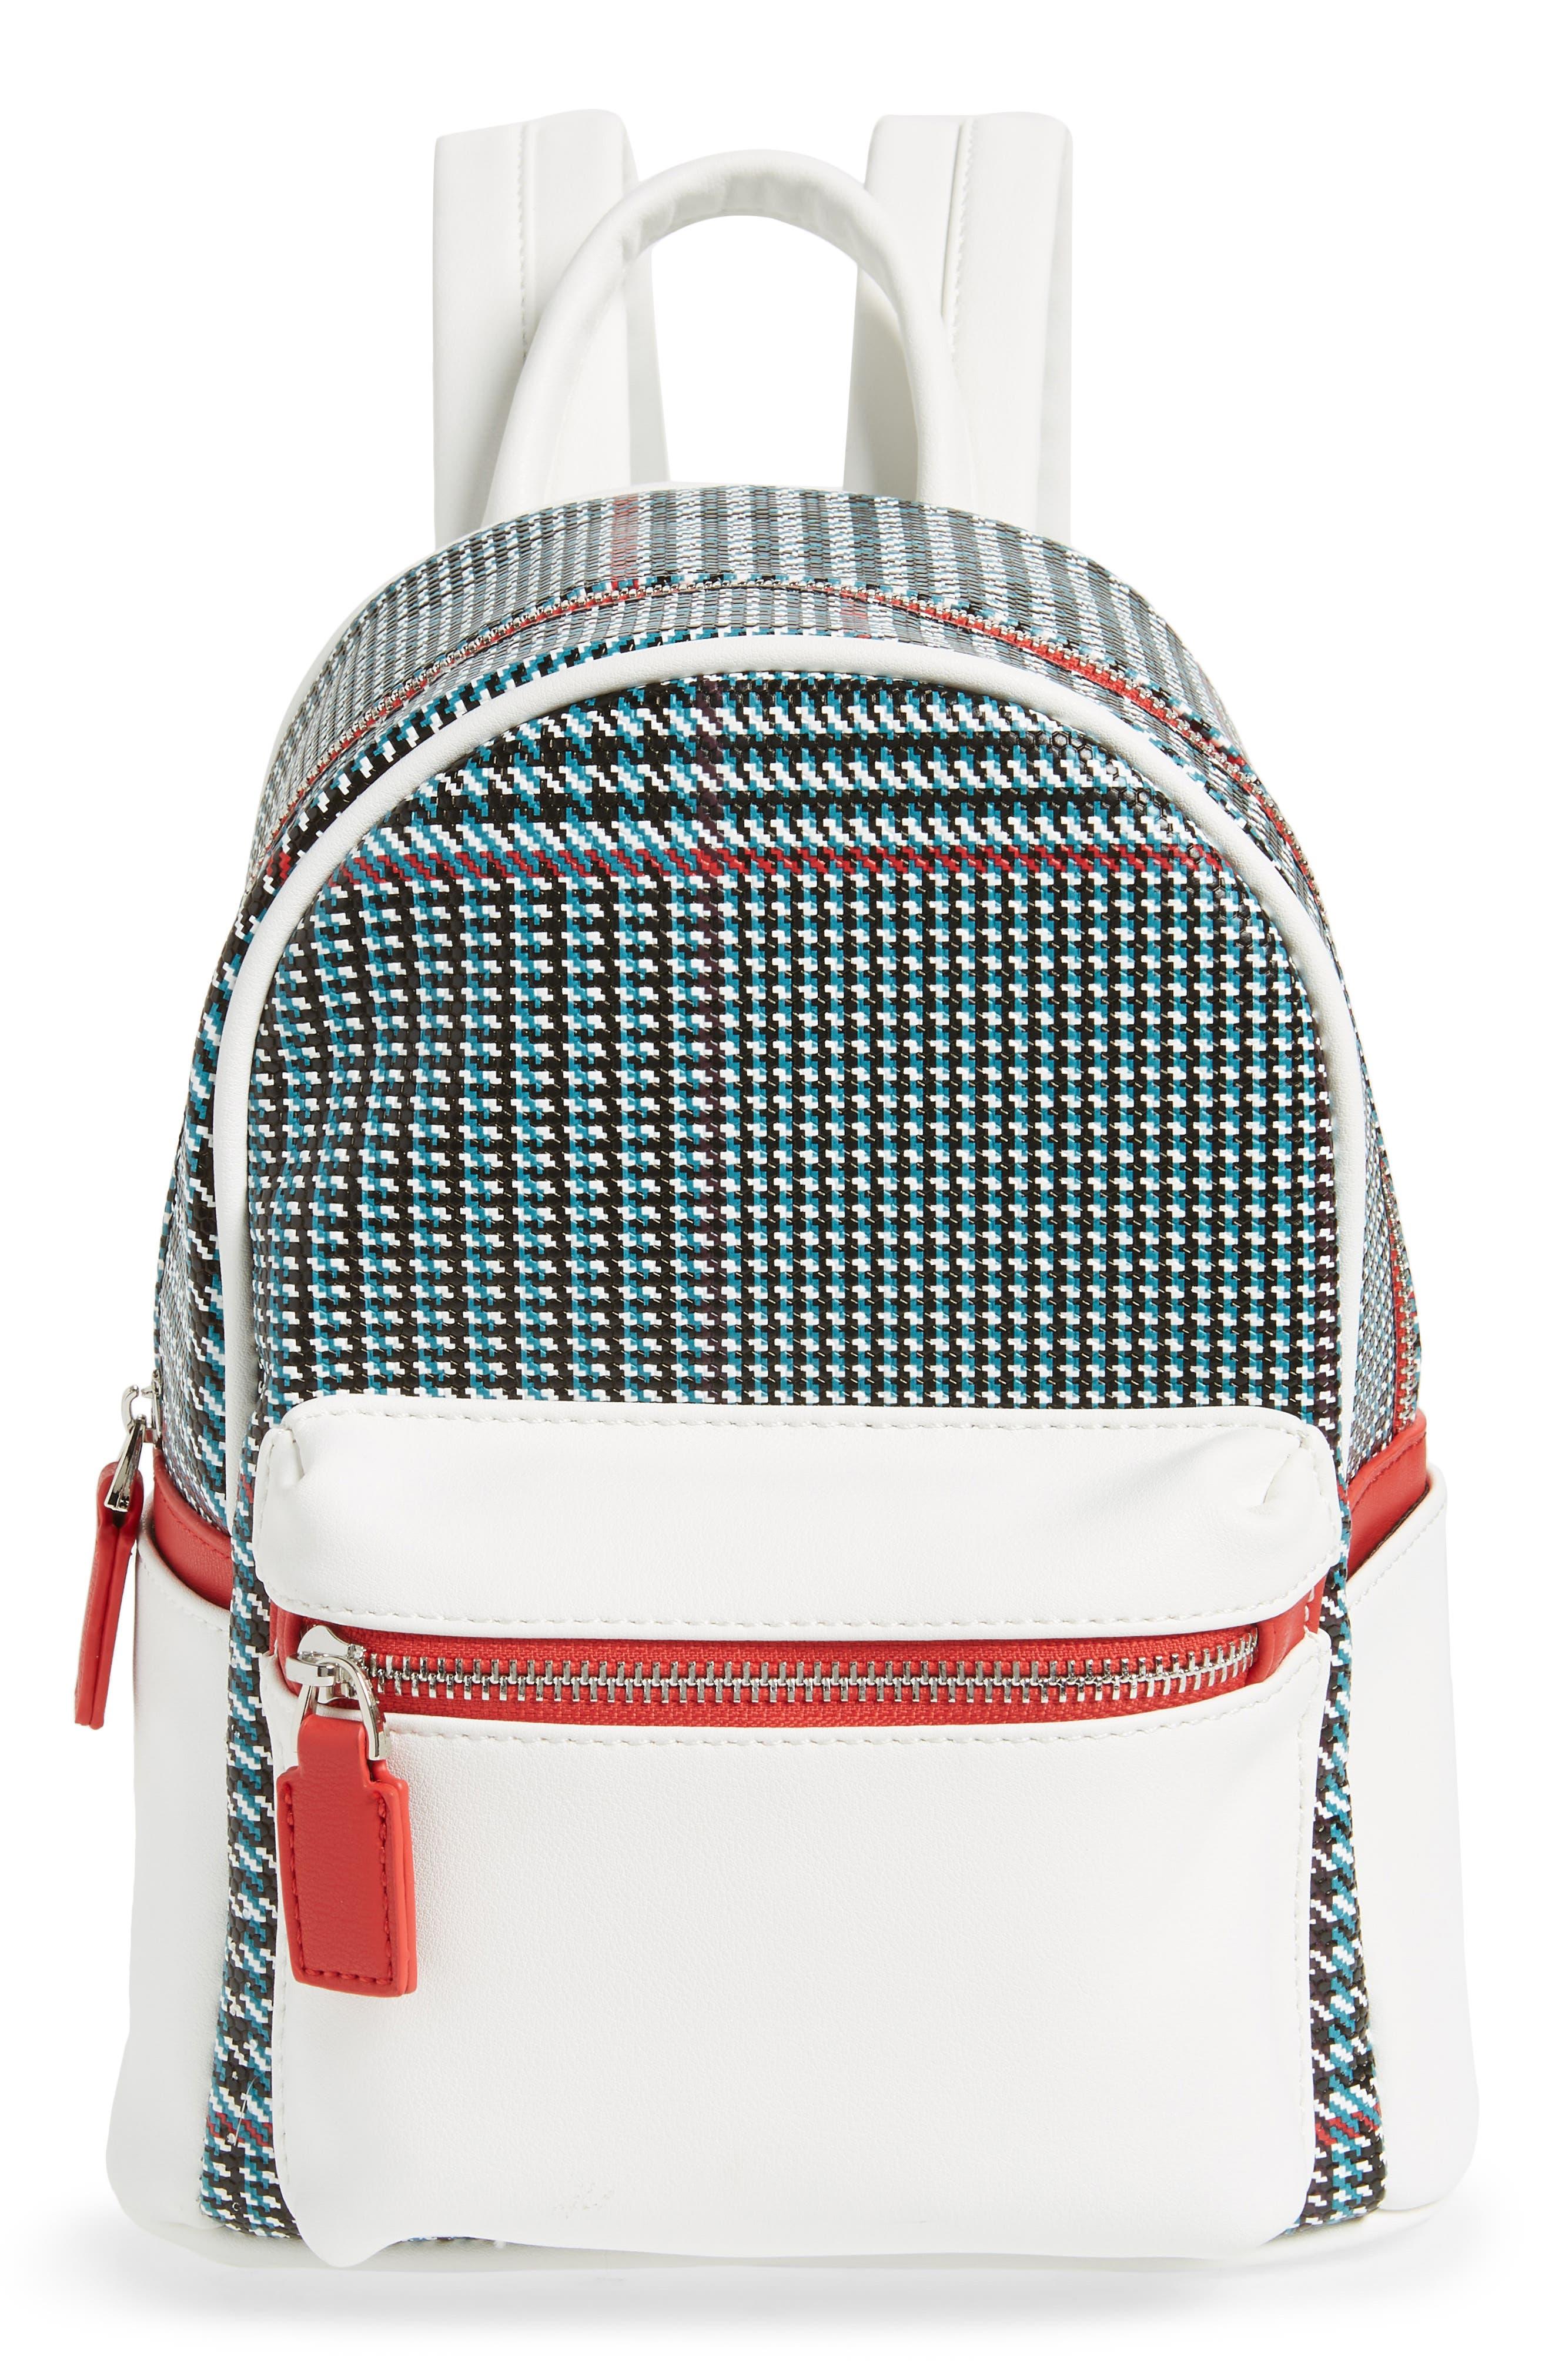 Like Dreams Woven Mini Backpack - Blue